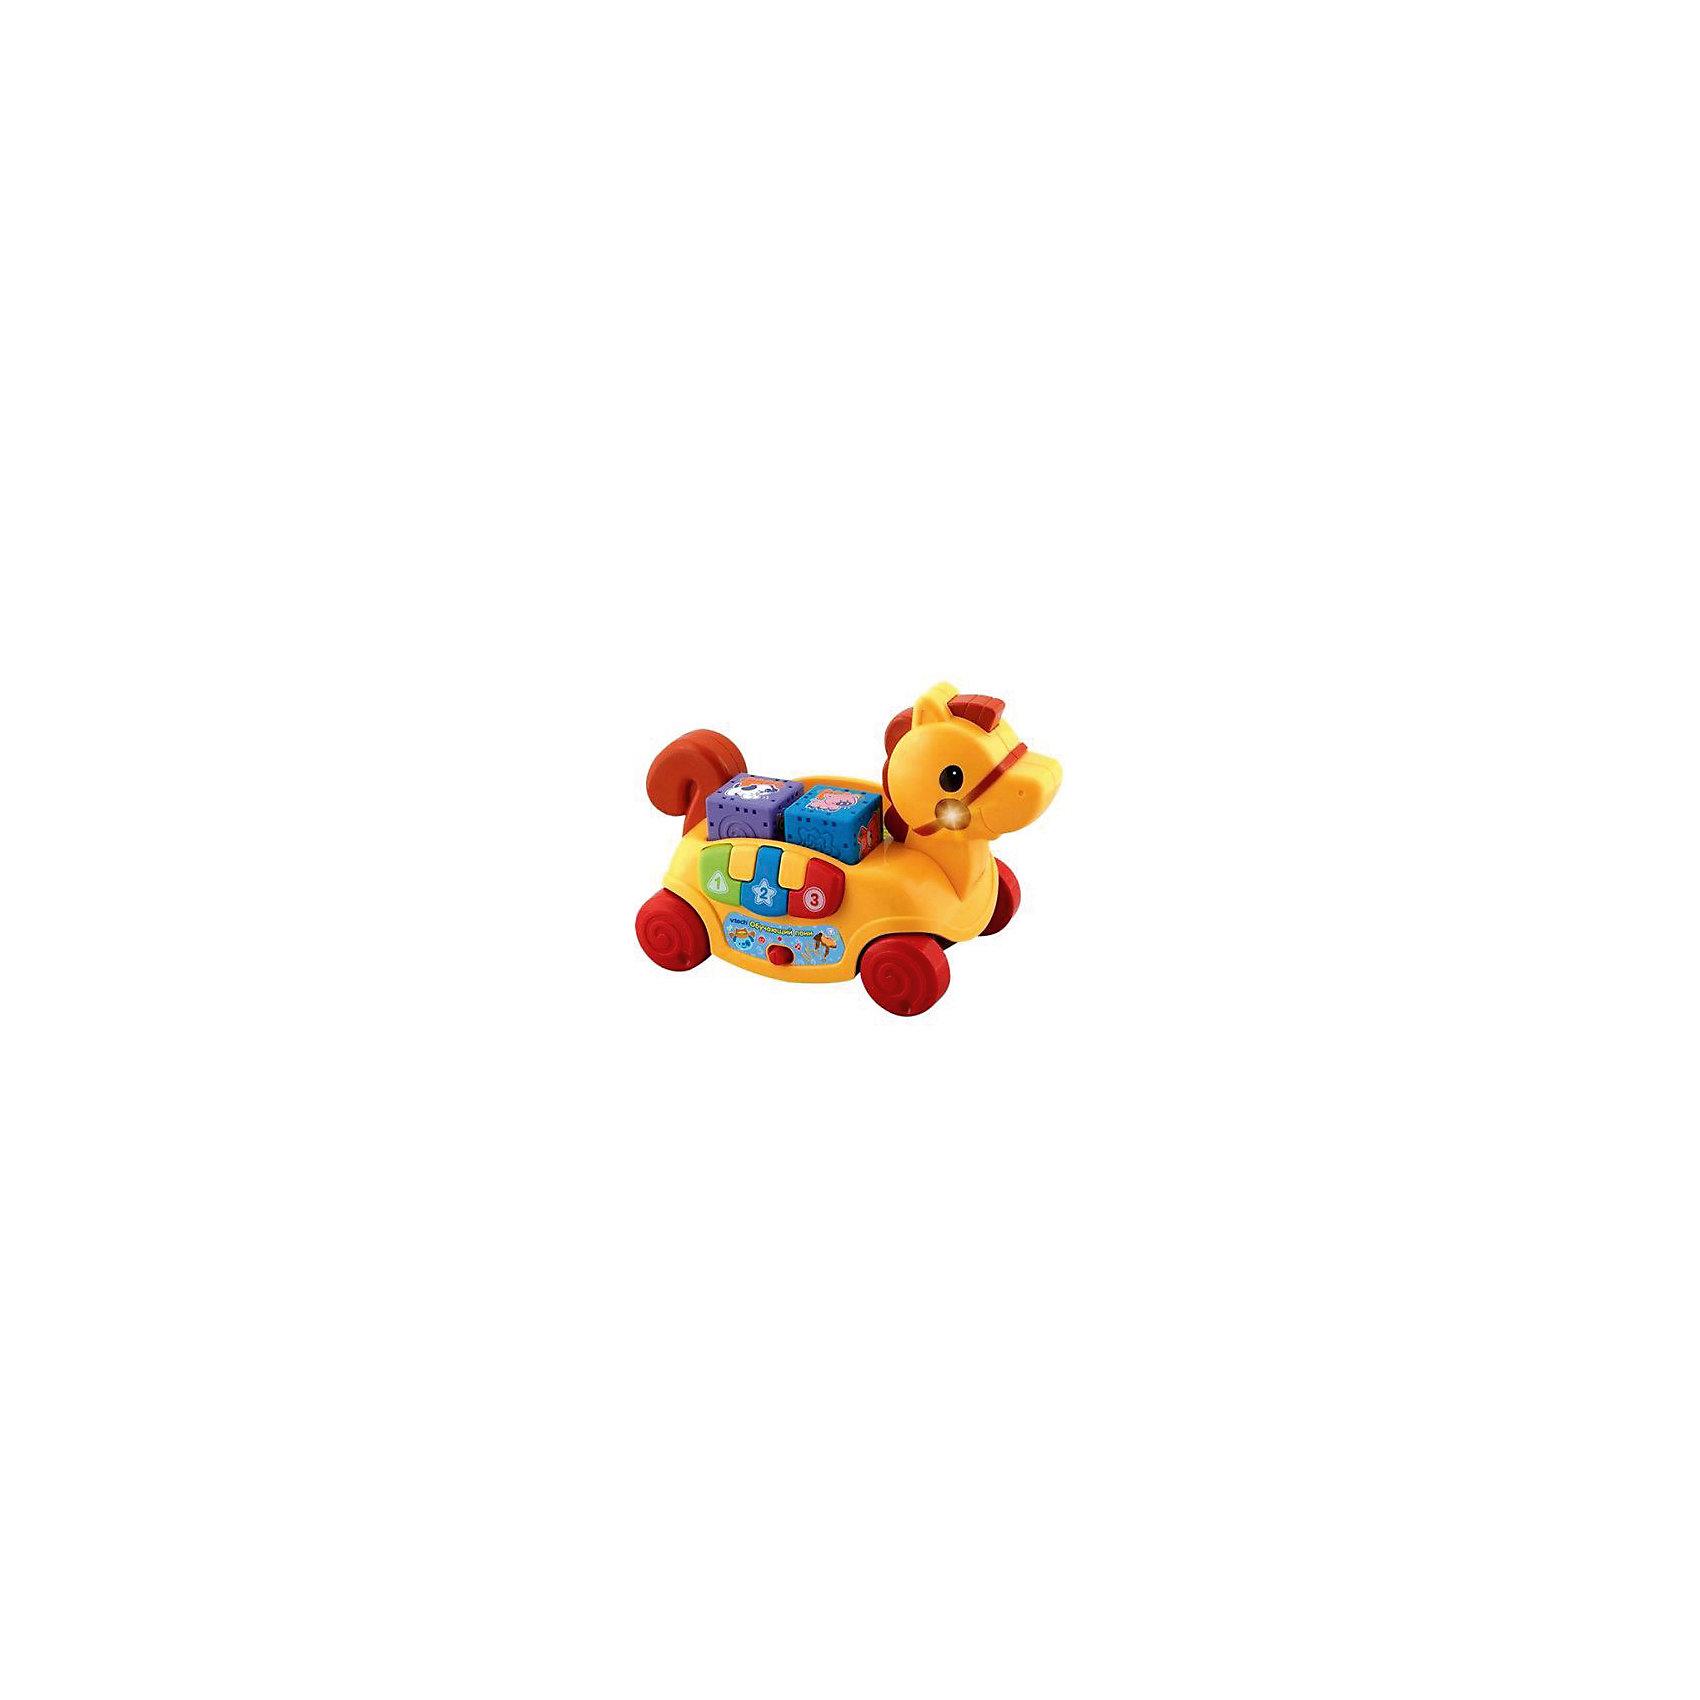 Обучающий пони, VtechИнтерактивные игрушки для девочек<br>Характеристики:<br><br>• Материал: пластик <br>• Комплектация: пони-каталка, 4 кубика, встроенное пианино с 3-мя клавишами<br>• Наличие музыки<br>• Световые эффекты<br>• 2 режима: игра и обучение<br>• Грани у кубиков округлые<br>• Батарейки: 2 шт. типа АА (предусмотрены в комплекте)<br>• Размер пони (длина): 28,5 см<br>• Размер упаковки (Д*Ш*В): 30*17*25 см<br>• Вес: 1 кг 305 г<br>• Подарочная упаковка<br>• Особенности ухода: допускается сухая и влажная чистка<br><br>Обучающий пони, Vtech – это многофункциональная интерактивная игрушка от французского производителя, который является мировым лидером по выпуску электронных обучающих устройств и игрушек. Игрушка выполнена в виде пони на колесиках. Сбоку предусмотрено пианино из трех клавиш, на спинке – ячейки для кубиков. <br><br>При нажатии на гриву начинают звучать мелодии и песенки, одновременно работает подсветка. Также звуковые и световые эффекты работают в процессе катания игрушки. В комплекте предусмотрены 4 интерактивных кубика, на разных гранях нанесены рисунки, буквы или выпуклые элементы. <br><br>С обучающим пони, Vtech легко будет изучить основные цвета, формы и звуки. Кубики с рельефной поверхностью будут способствовать развитию тактильного восприятия. <br><br>Обучающего пони, Vtech можно купить в нашем интернет-магазине.<br><br>Ширина мм: 305<br>Глубина мм: 241<br>Высота мм: 163<br>Вес г: 1200<br>Возраст от месяцев: 9<br>Возраст до месяцев: 36<br>Пол: Унисекс<br>Возраст: Детский<br>SKU: 5471067